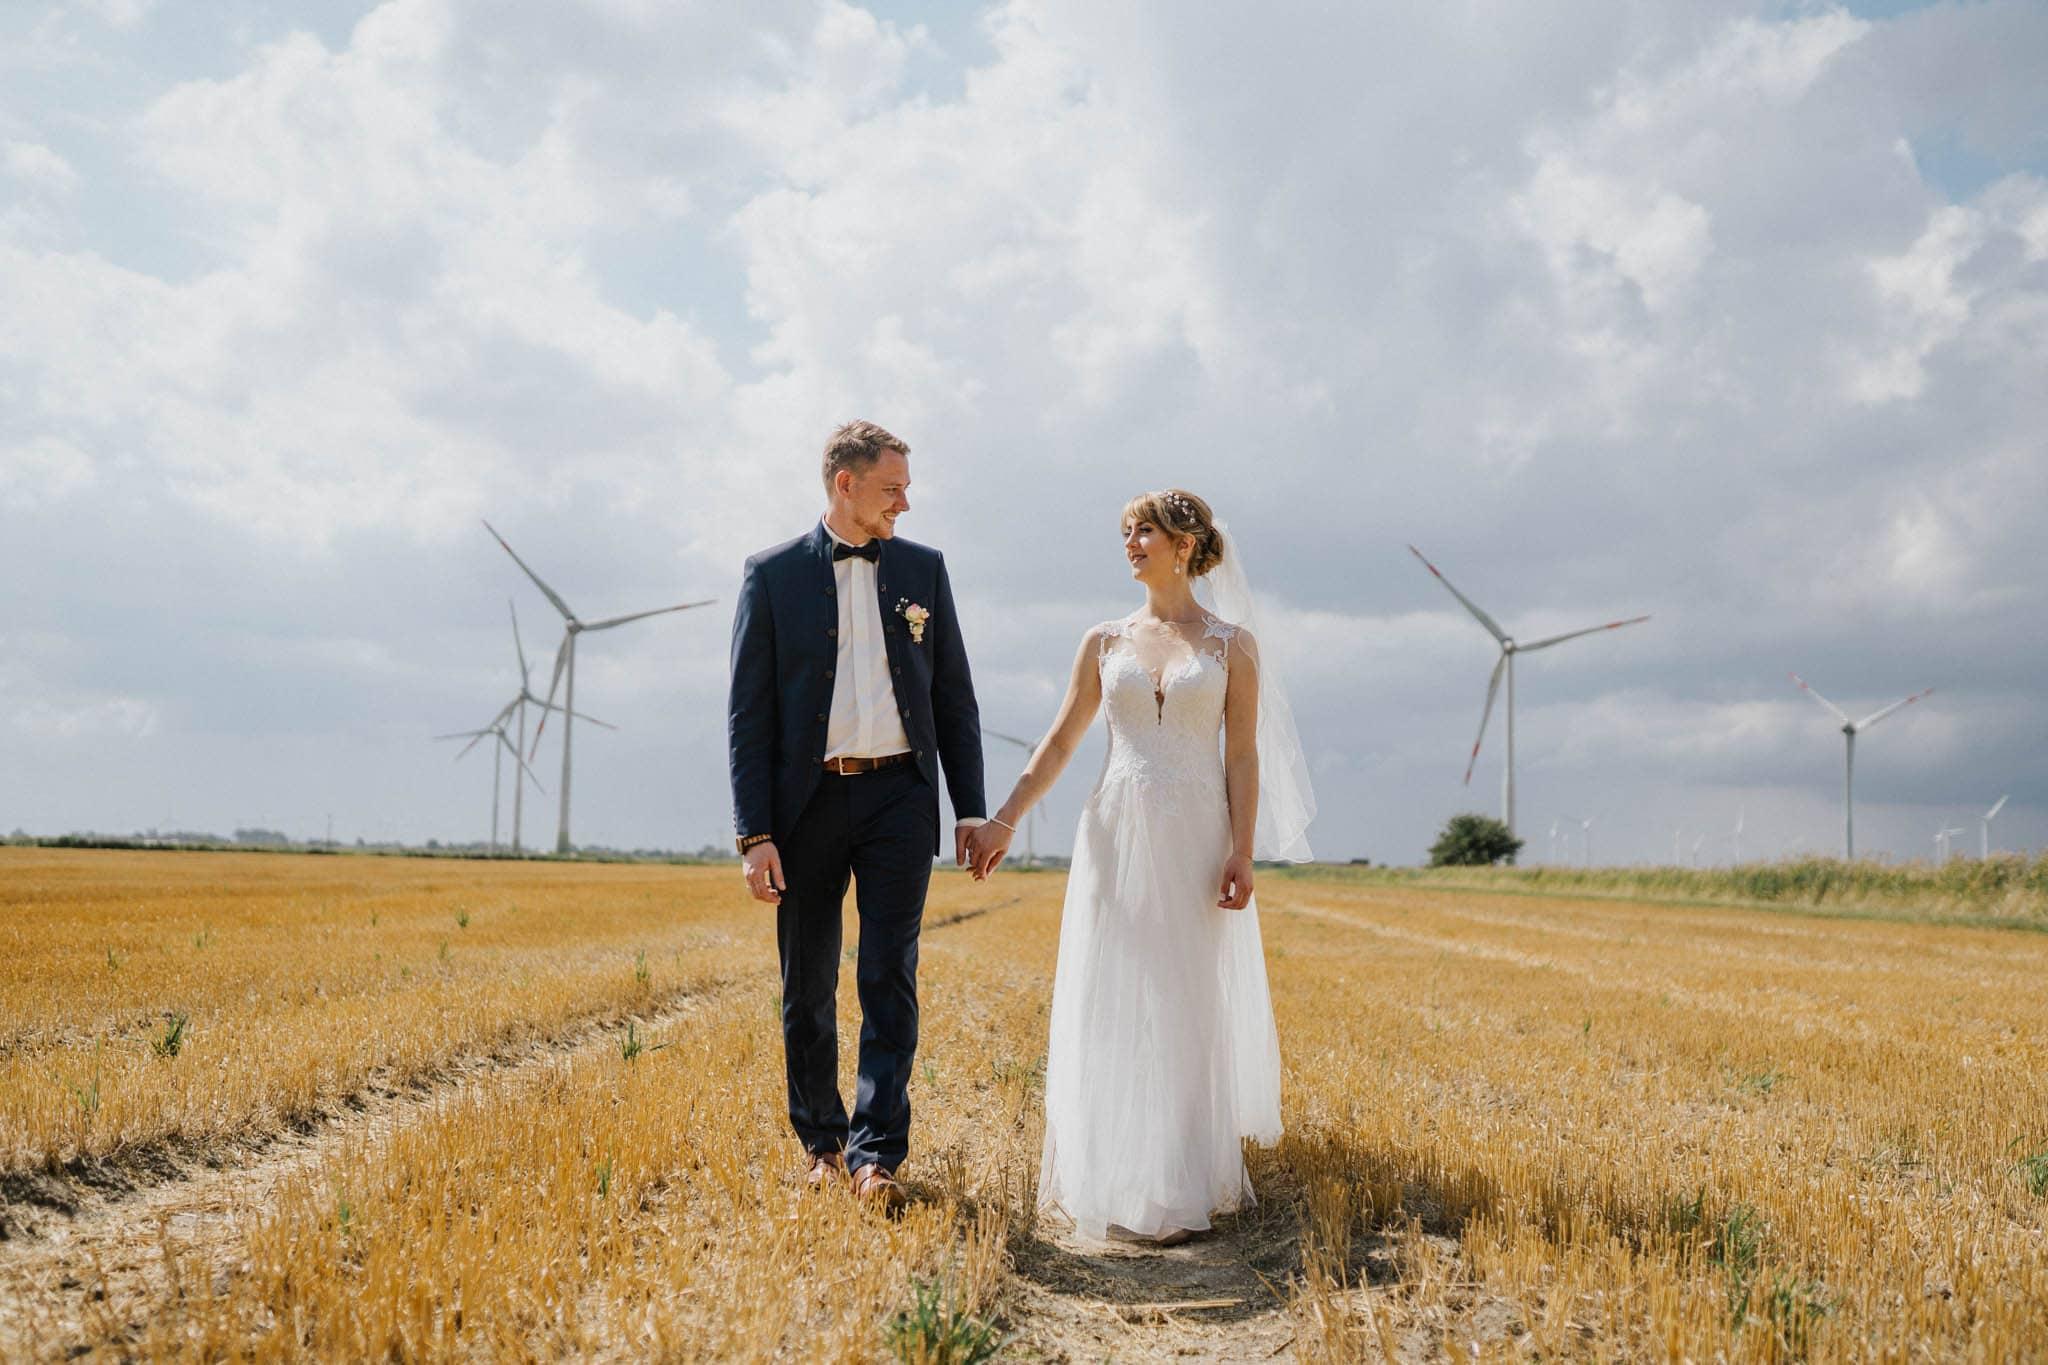 Hochzeitsfieber by Photo-Schomburg, Hoichzeitsfotograf, Hamburg, Wedding, Weddingtime, Hochzeitspaar, Braut, Bräutigam, Hochzeit im Norden,-84